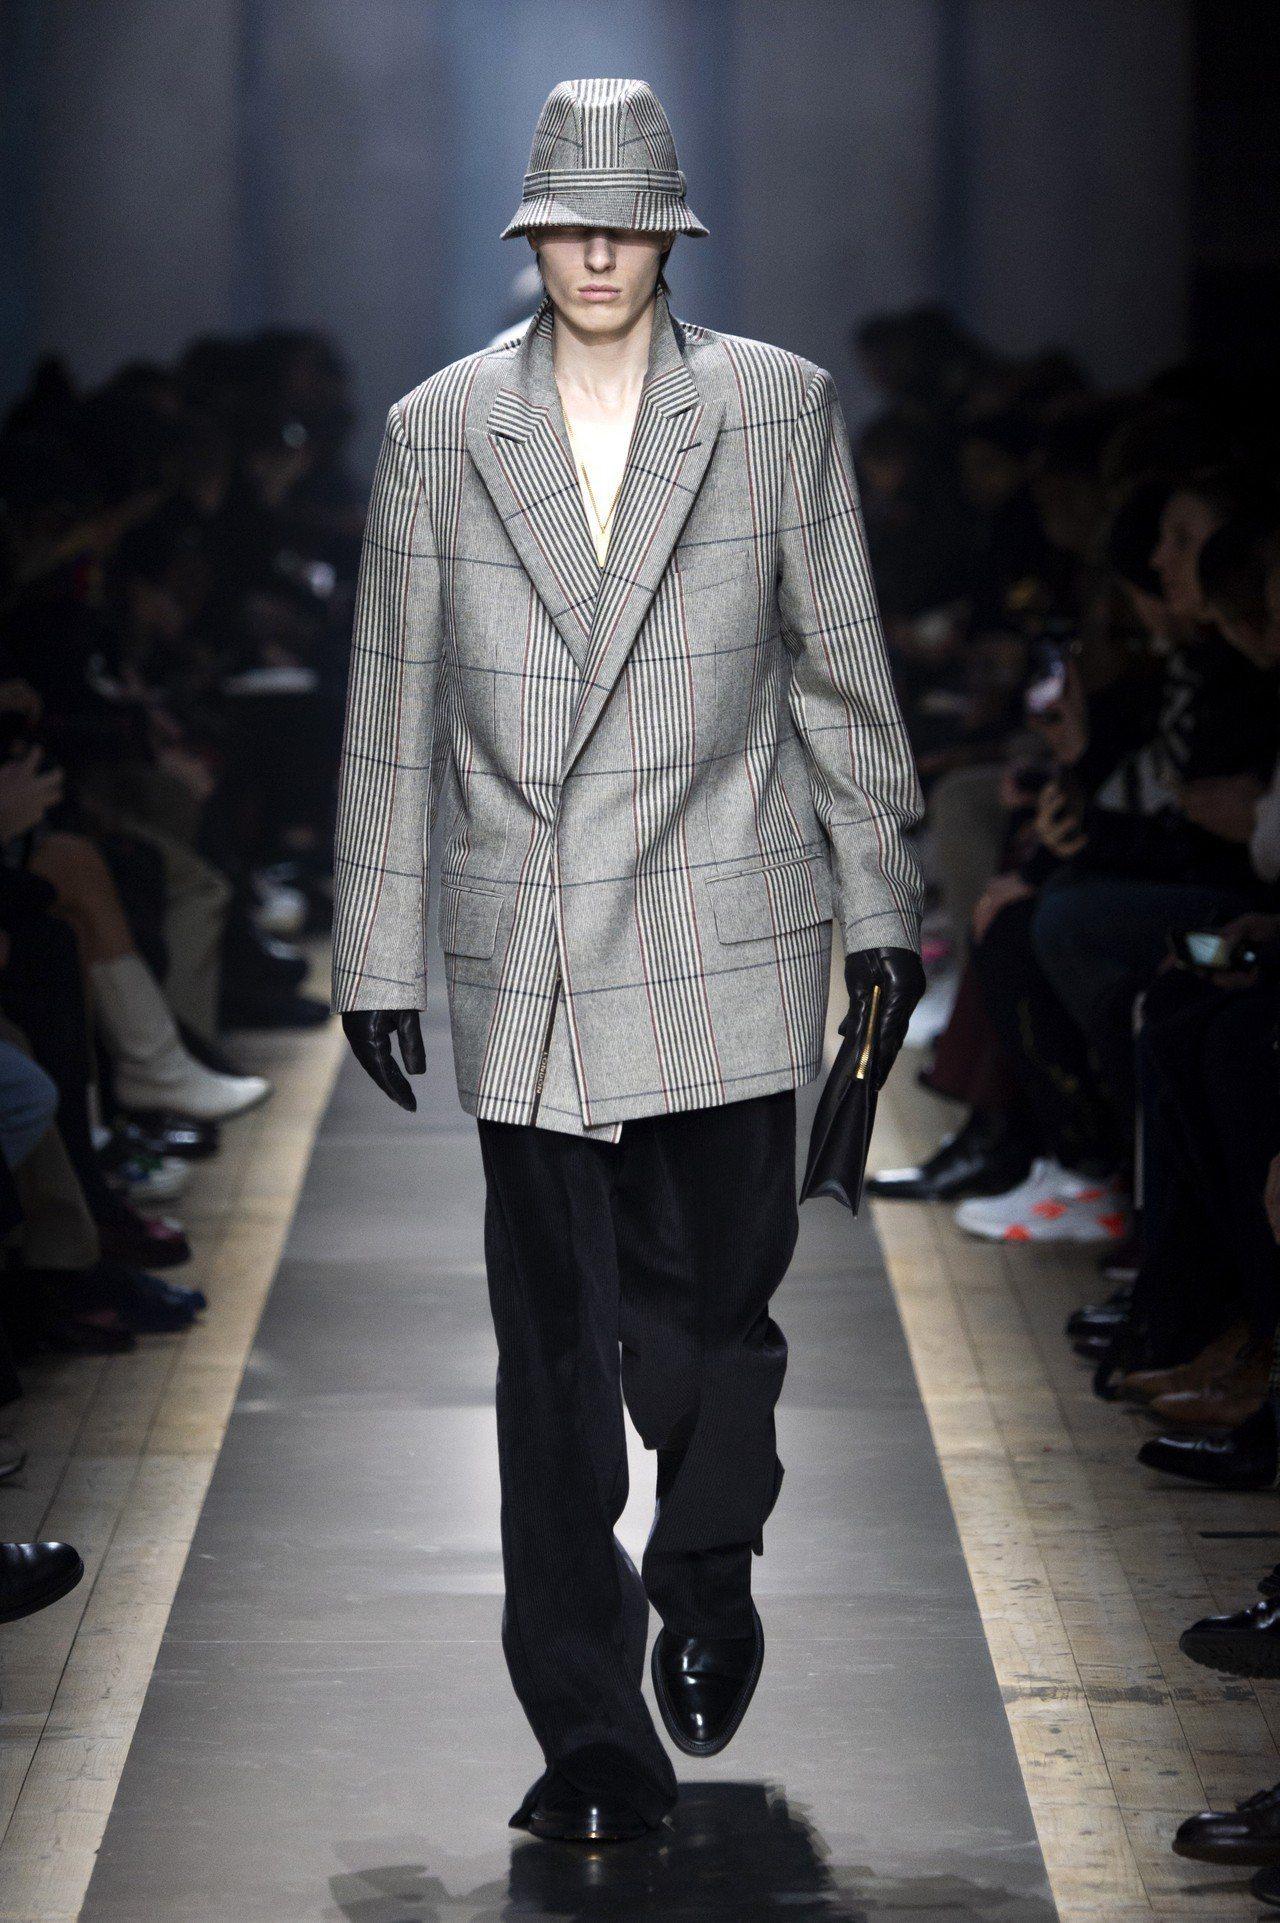 巴黎男装周/诠释过气明星风格Celine男装大秀向经典品牌致敬